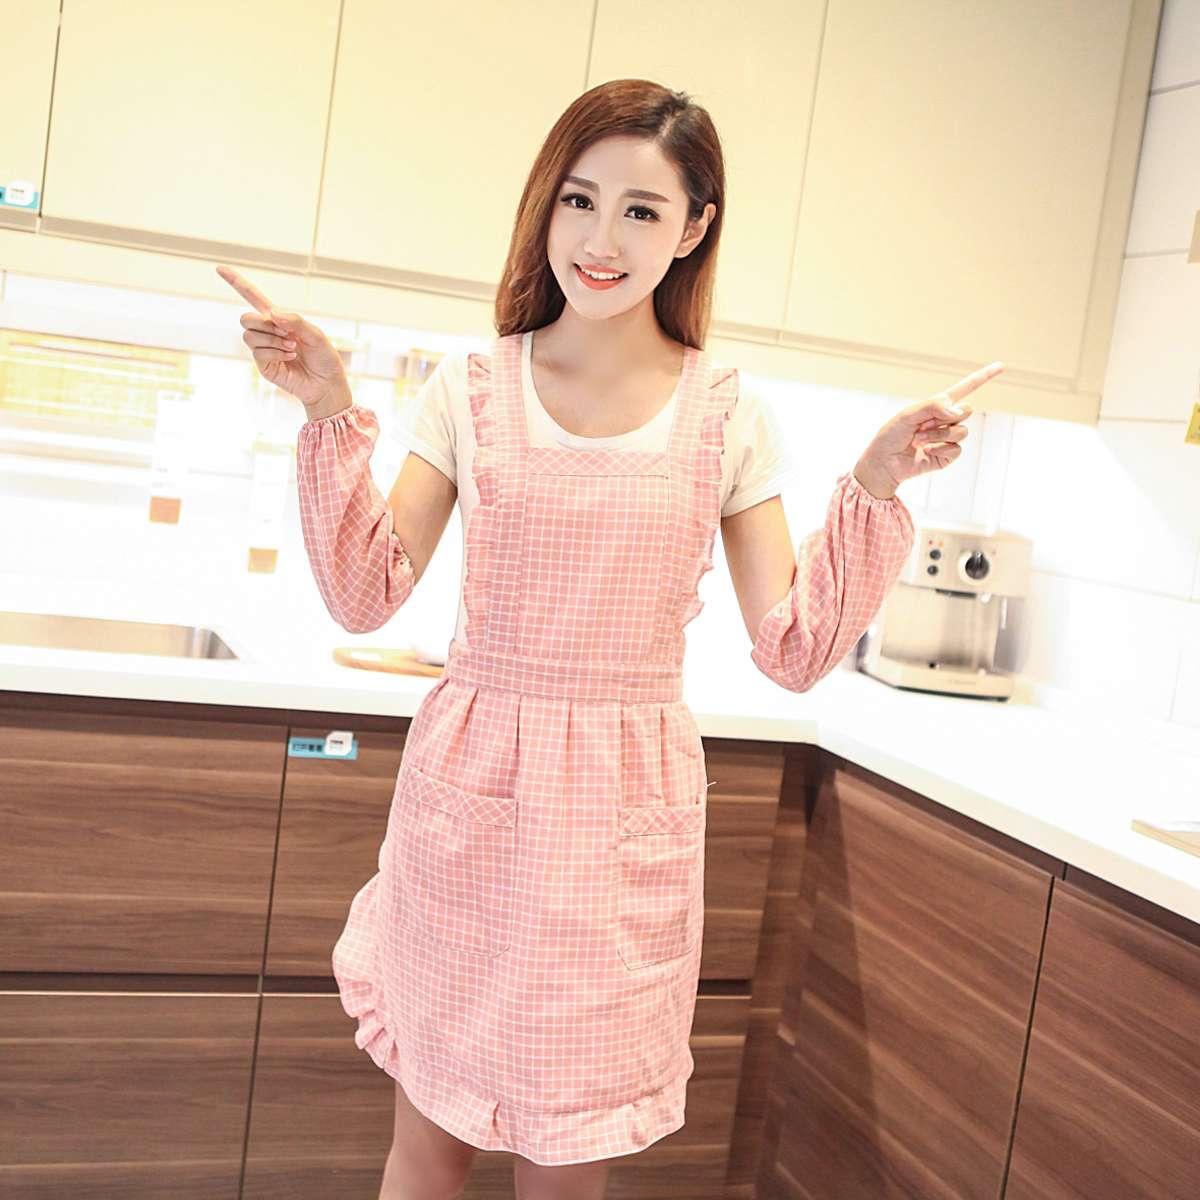 袖套围裙成人厨房工作服爱工作时尚房防韩版时尚罩衣纯棉围裙